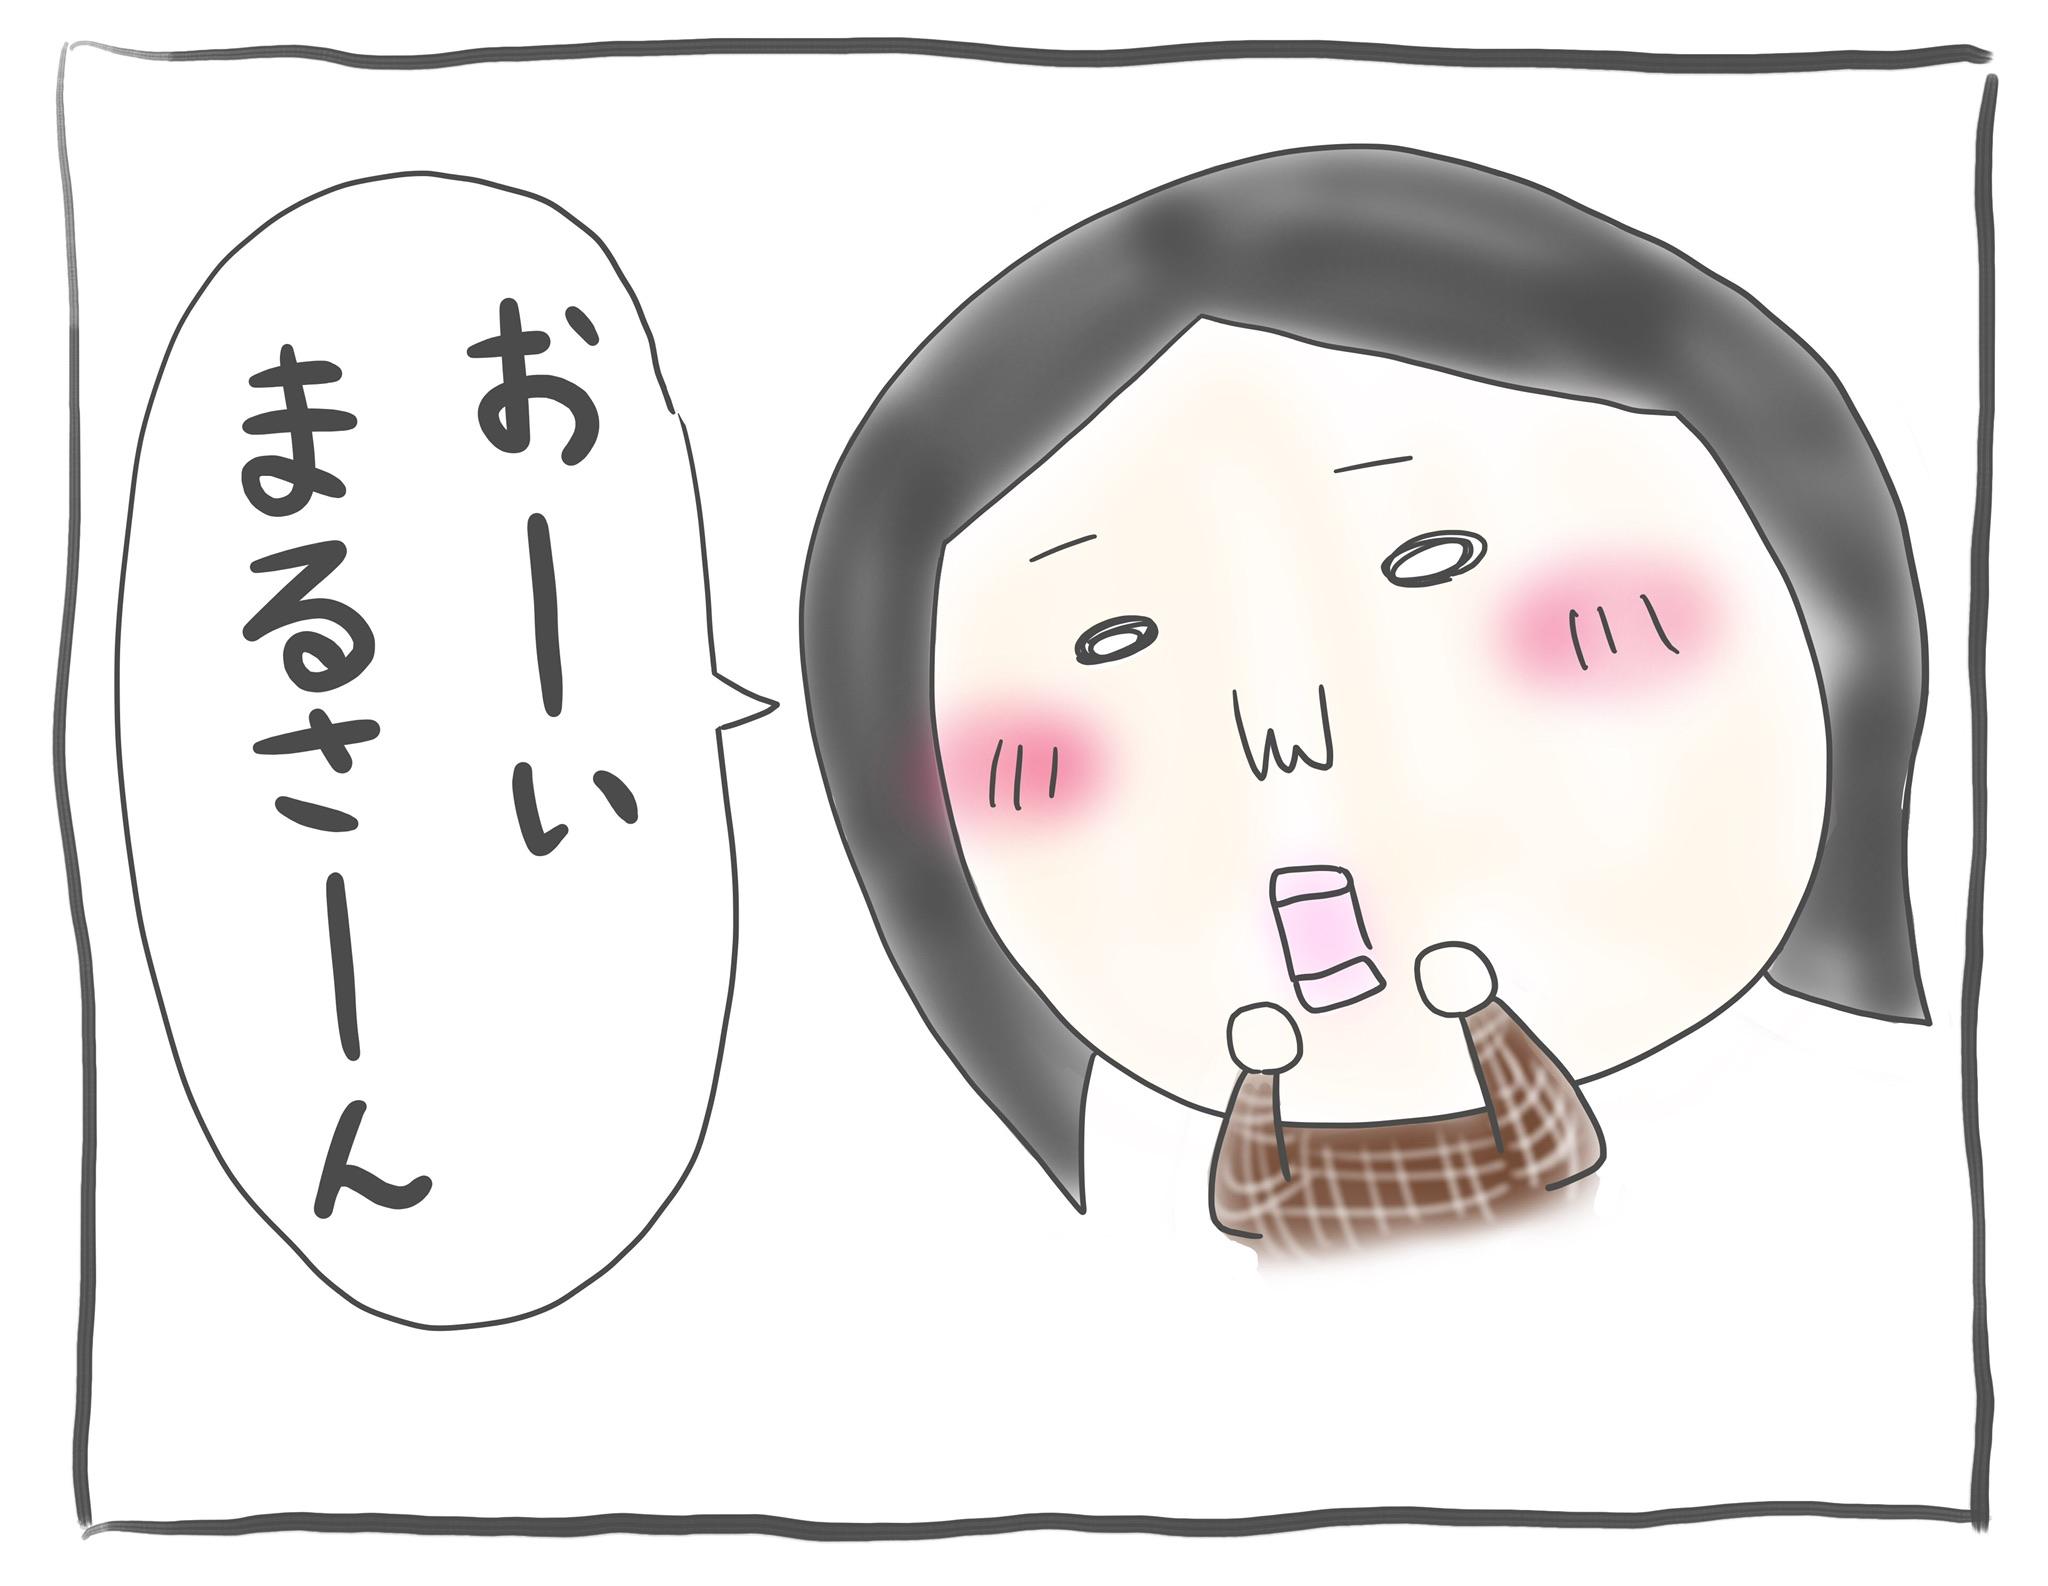 【柴犬漫画】私の名前って何?